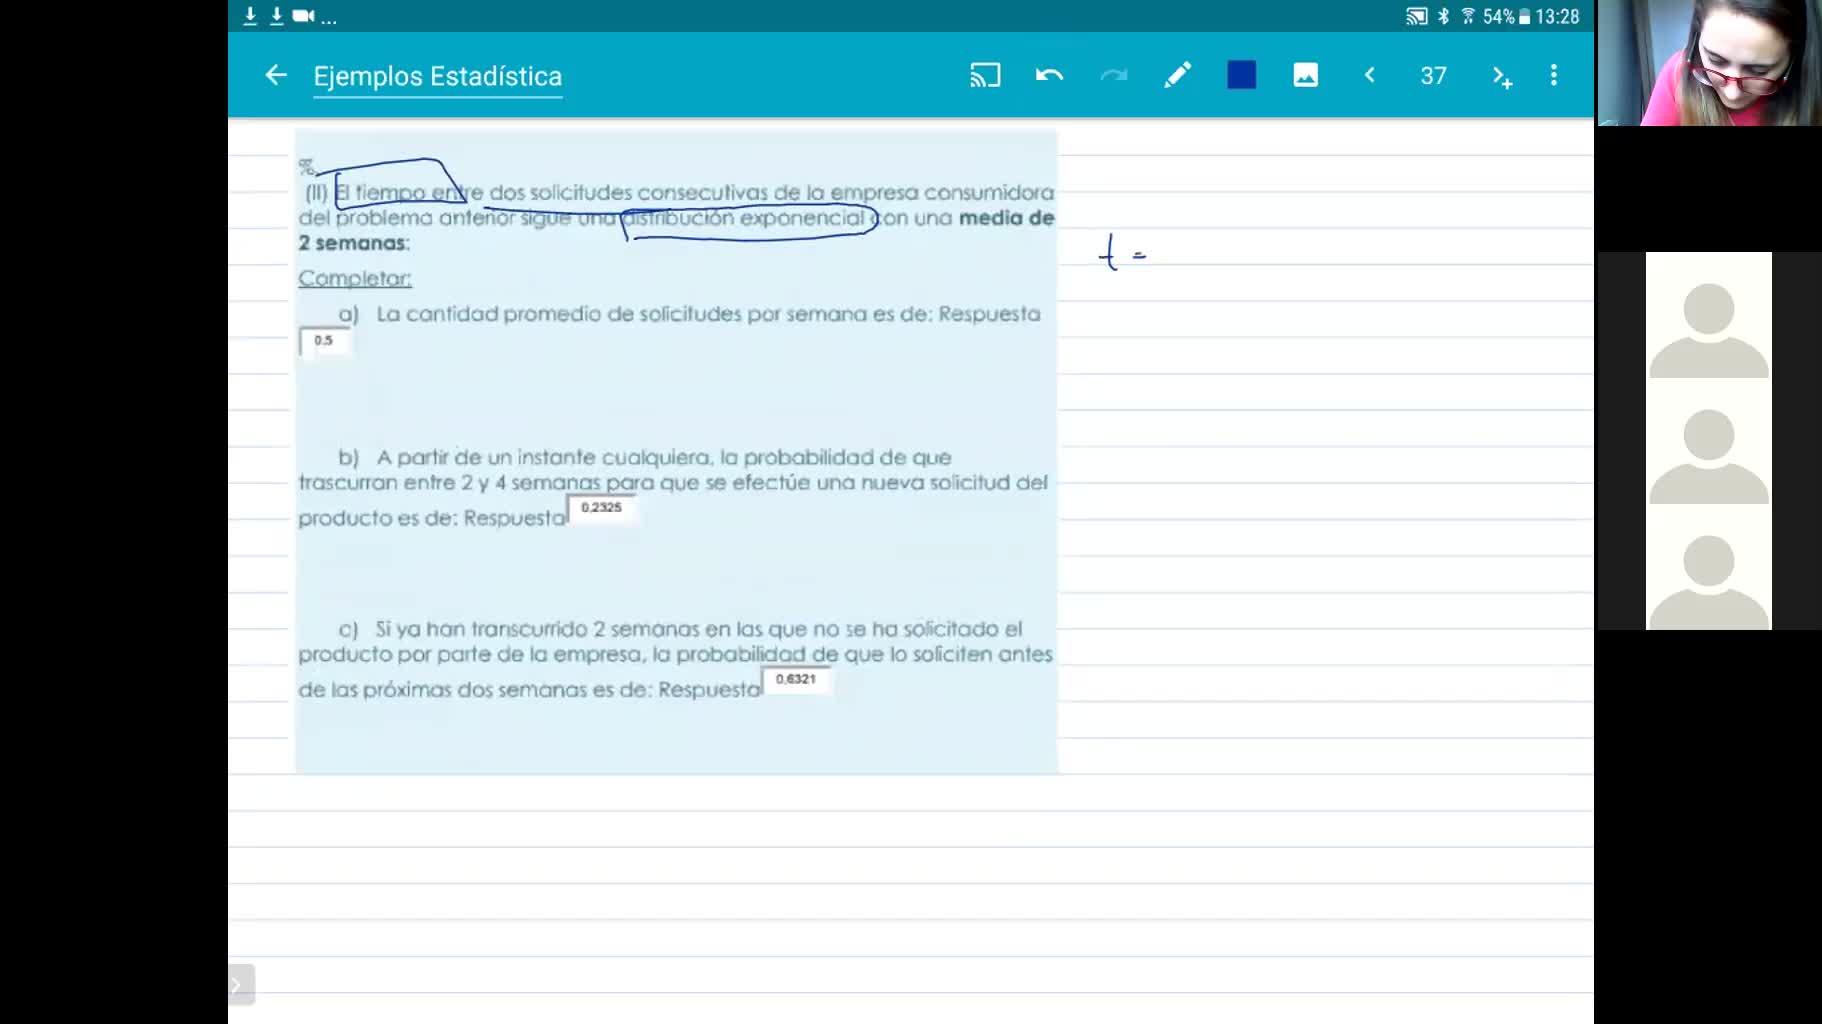 Clase de Consulta de Estadística para Recup del 1P de ingeniería - 26/06/2020 - PARTE 3